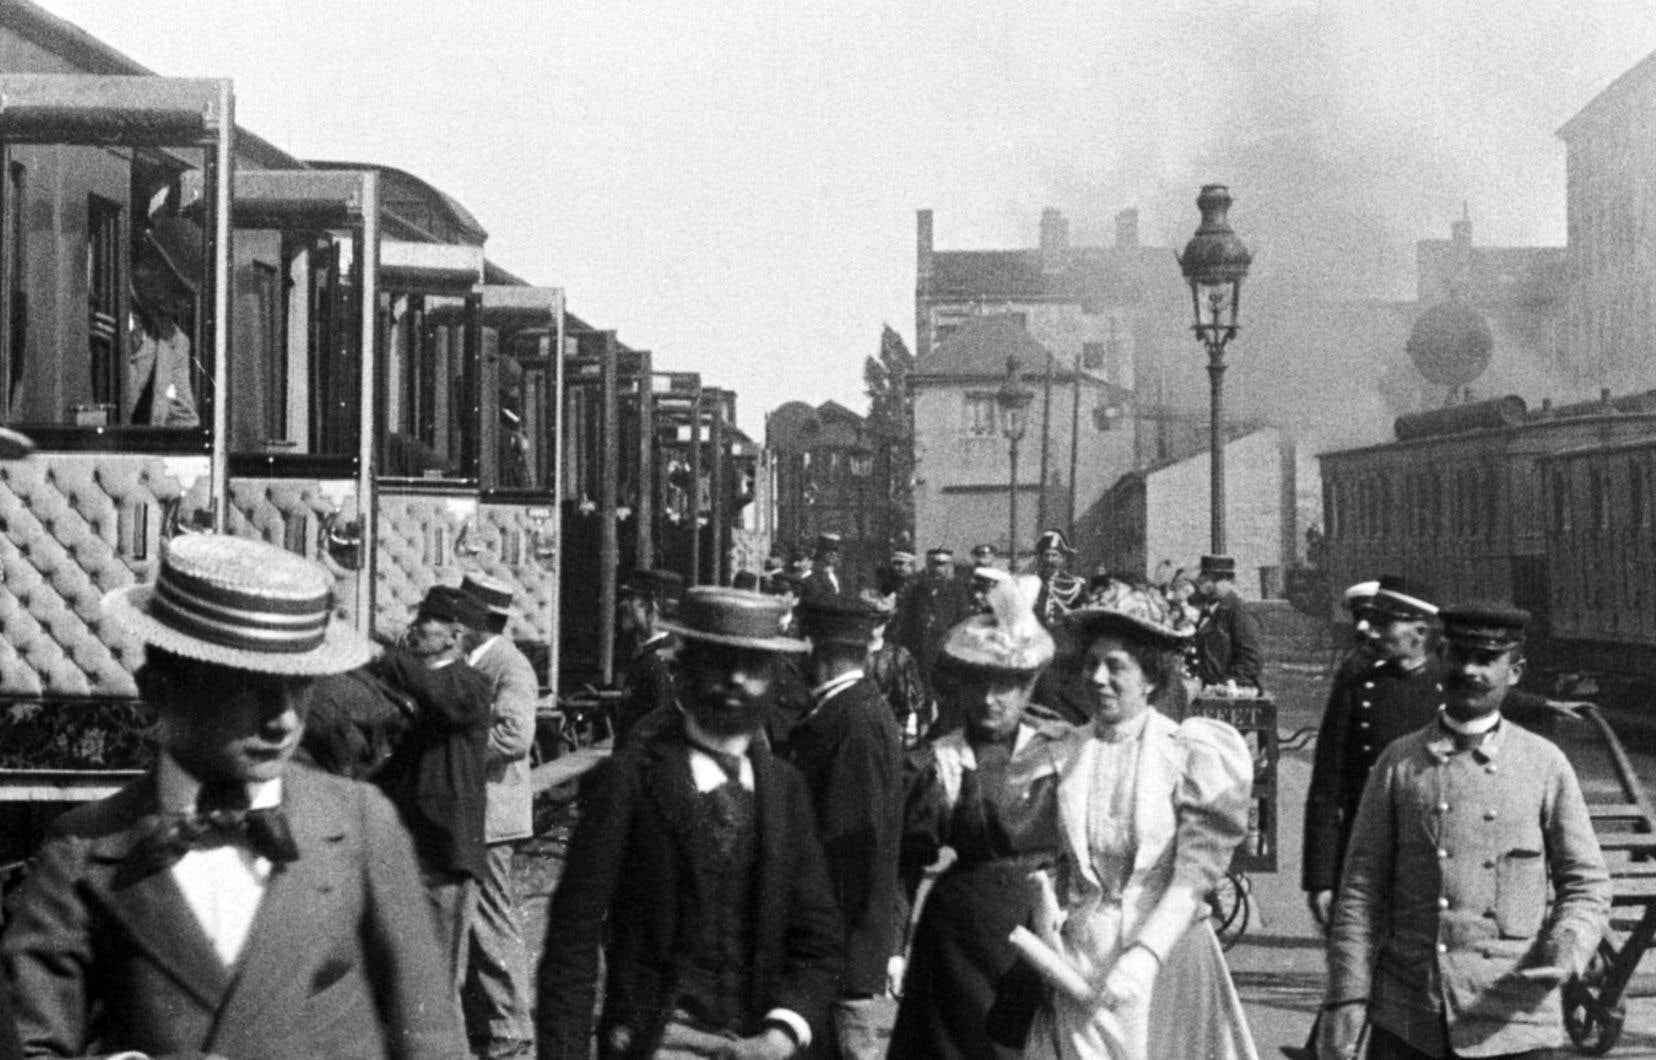 Plusieurs de ces films, réalisés entre 1895 et 1905, certains célèbres, tels «La sortie de l'usine Lumière à Lyon», «L'arroseur arrosé» ou, comme ici, «Arrivée d'un train à Perrache», sont ici réunis en voyages dans le temps par volets thématiques porteurs de sens.